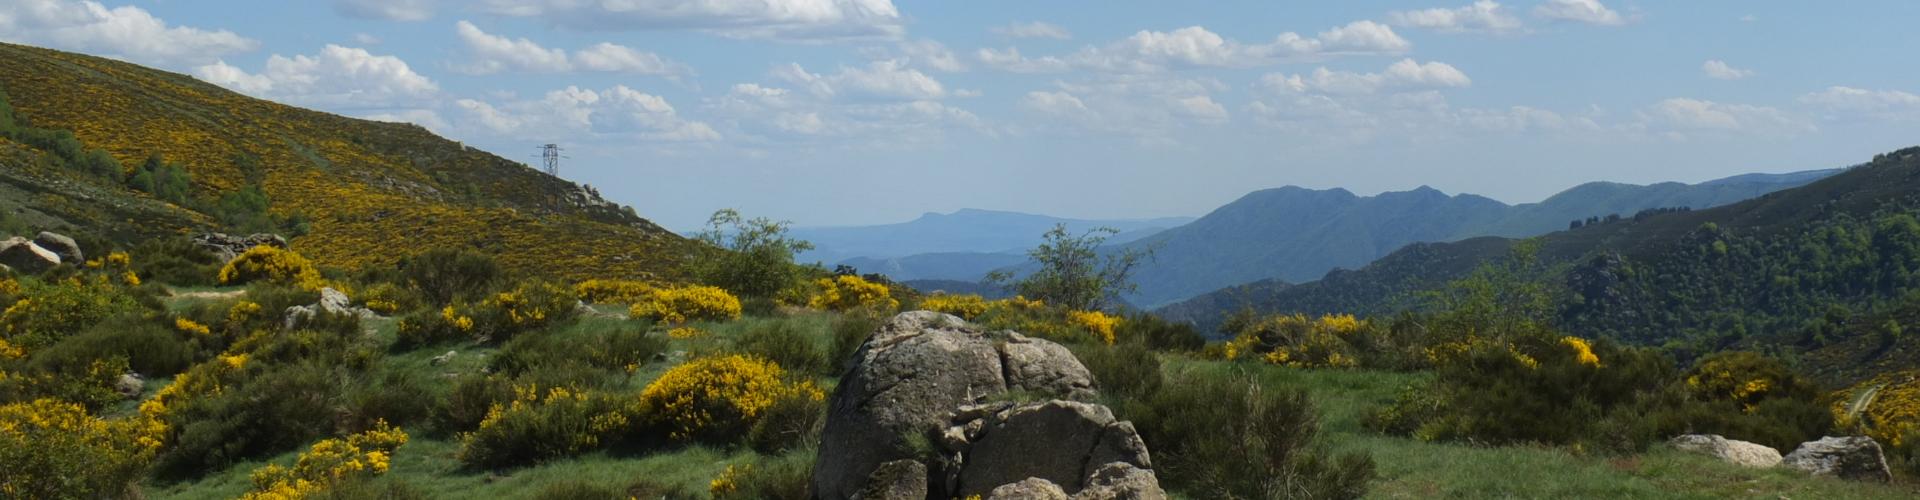 paysage vers la vallée de Thines au printemps